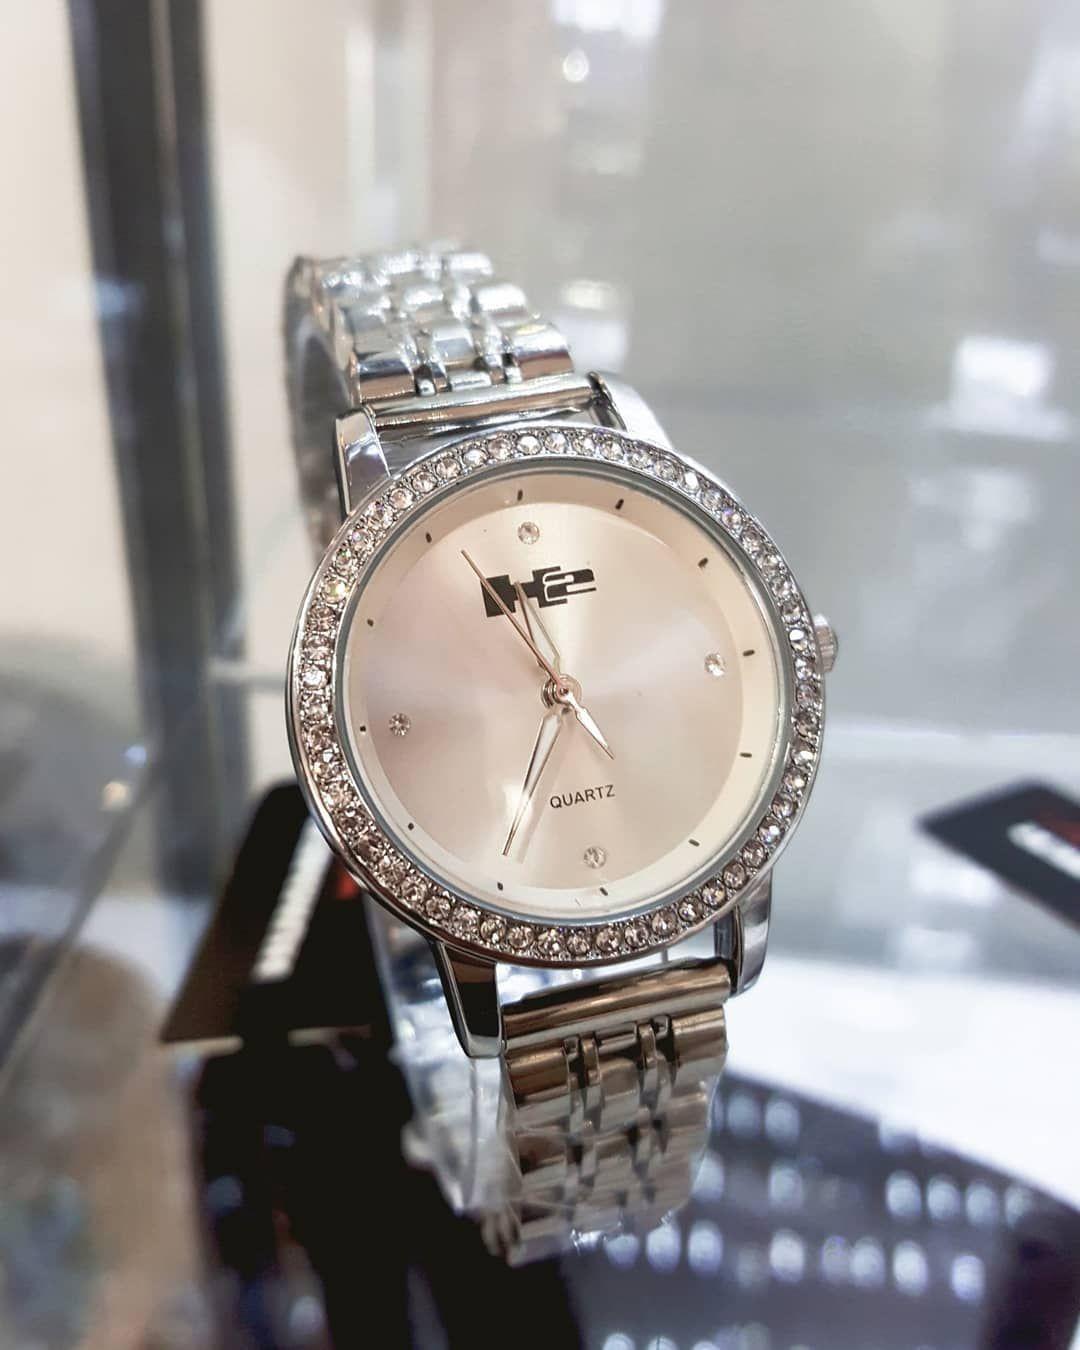 No puedes olvidar un reloj como un excelente accesorio 💕 DISPONIBLES EN @druzyfashion  Visítanos. Te...